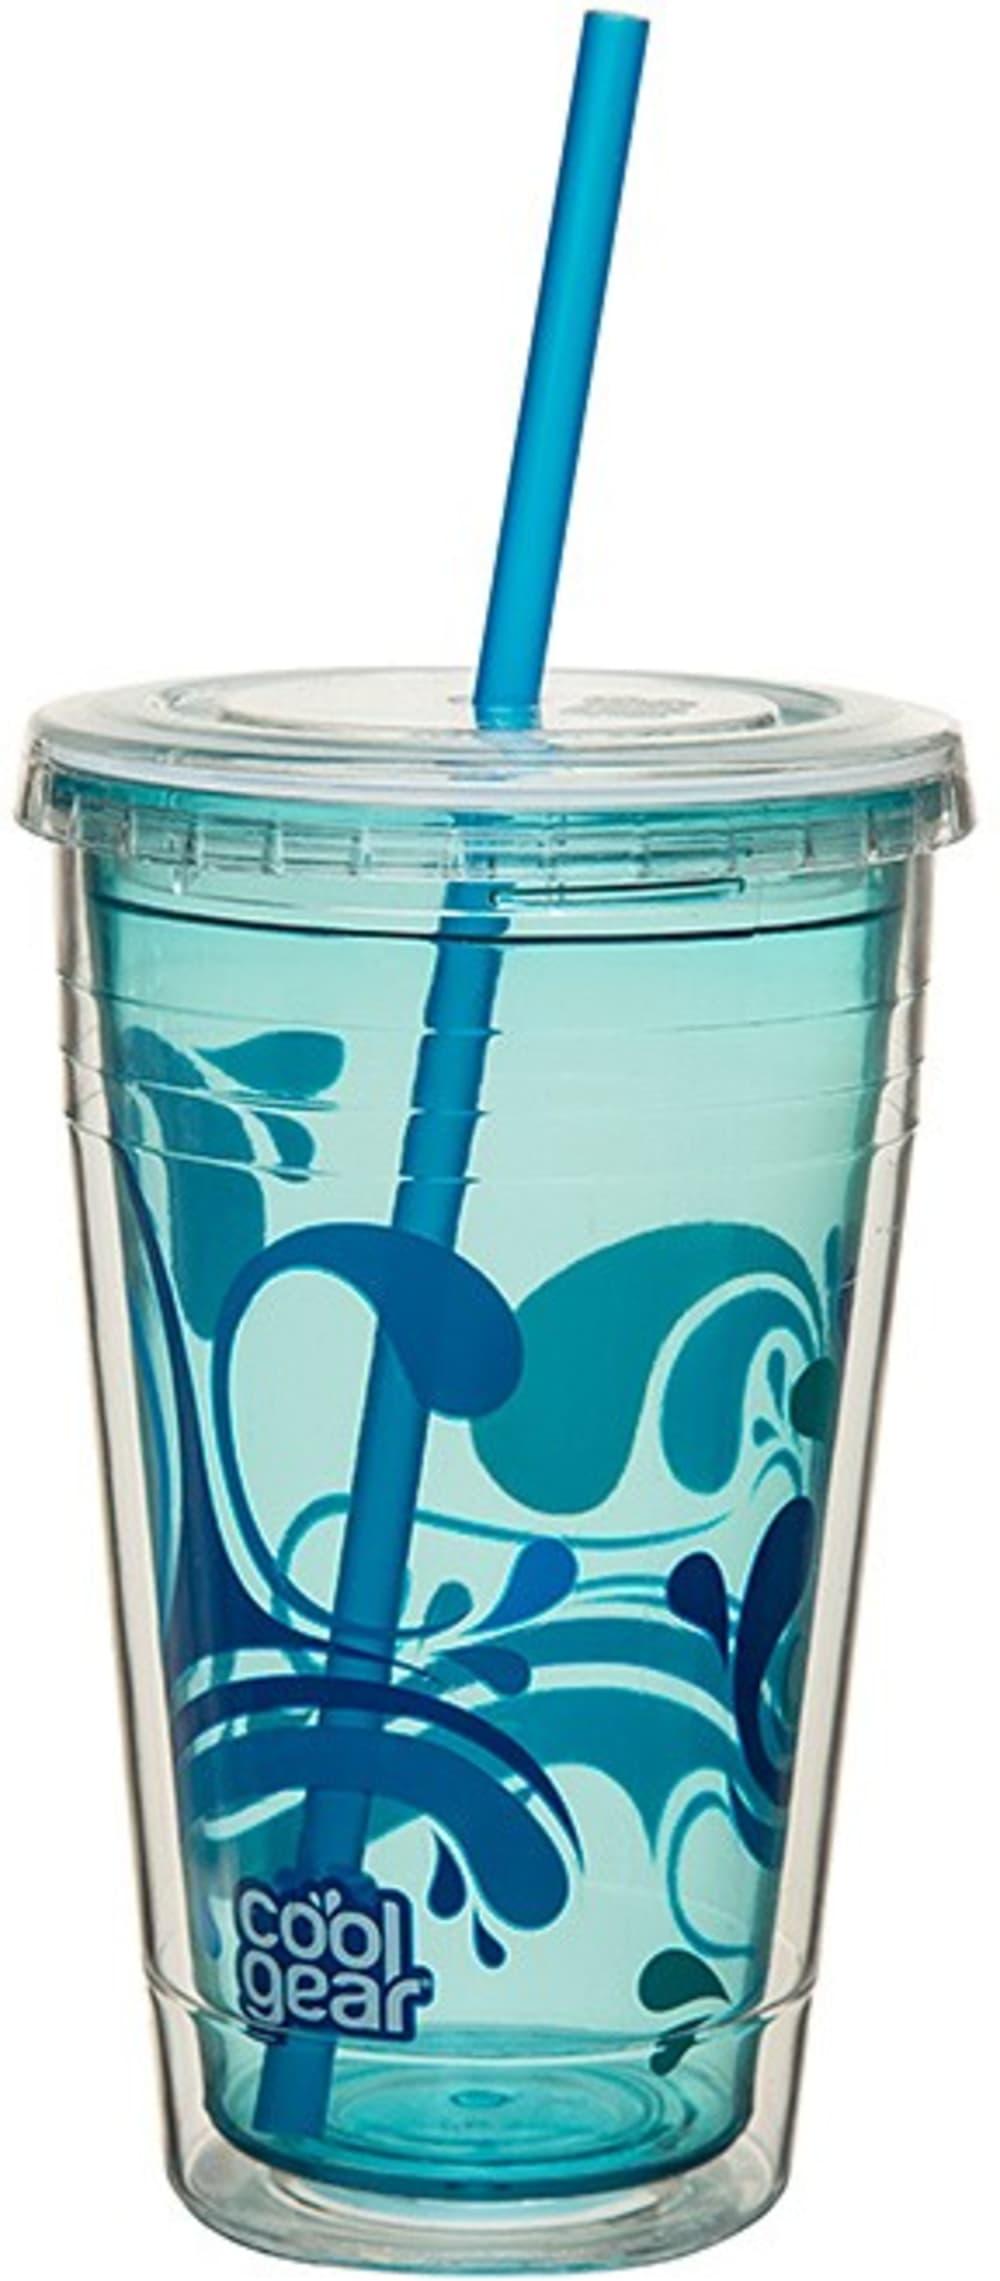 CG - Chiller + słomka, niebieski z motywem, duży